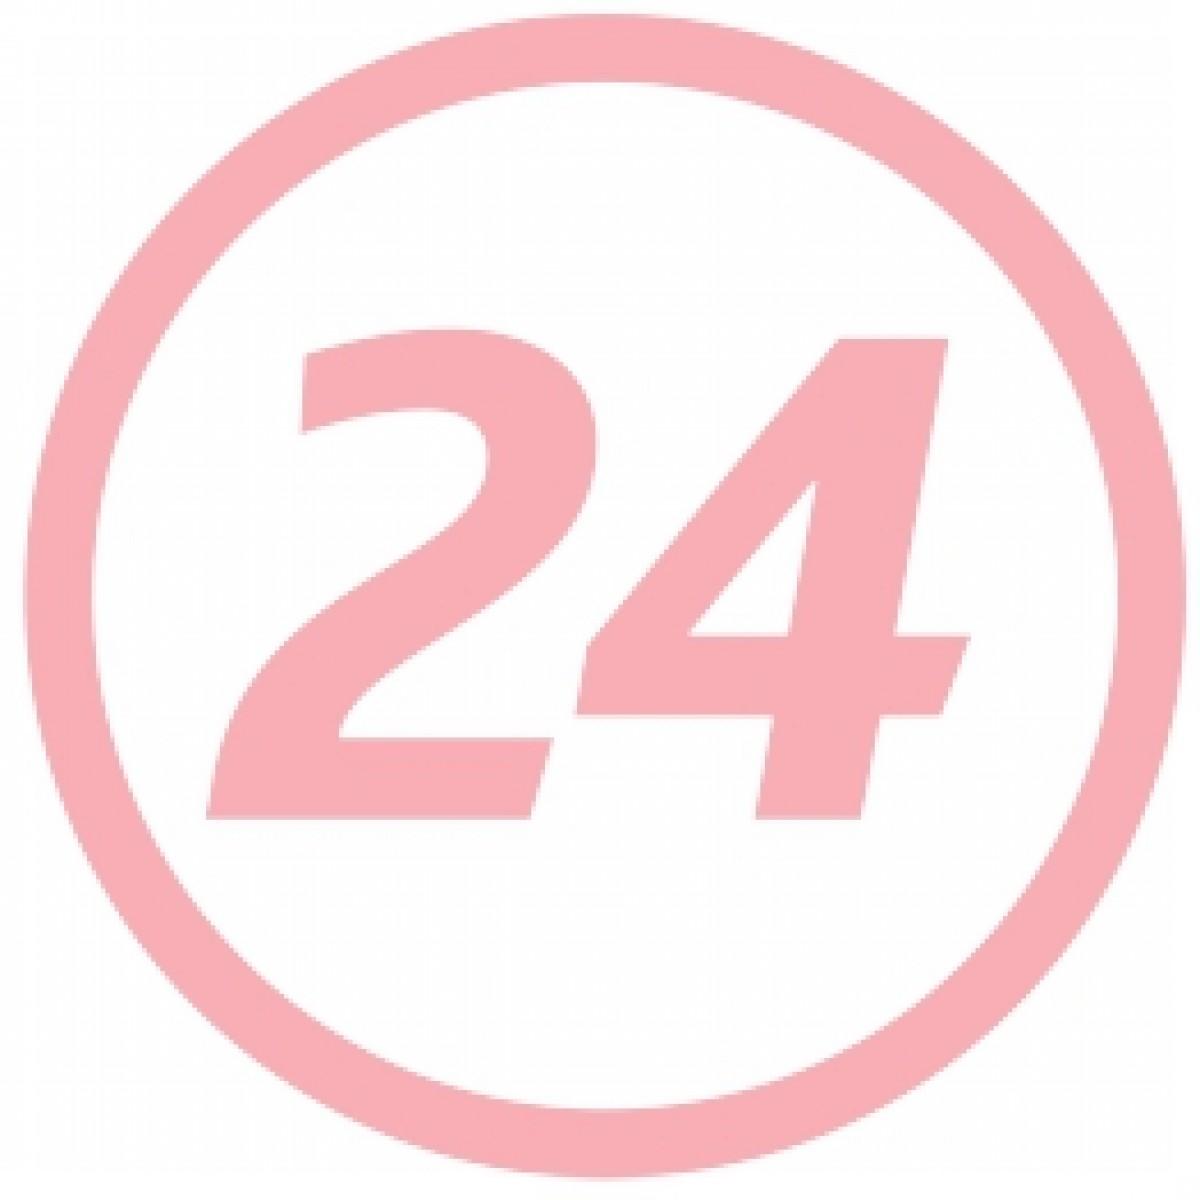 ALEVIA Calciu Magneziu Zinc Plicuri, Plicuri, 20 buc